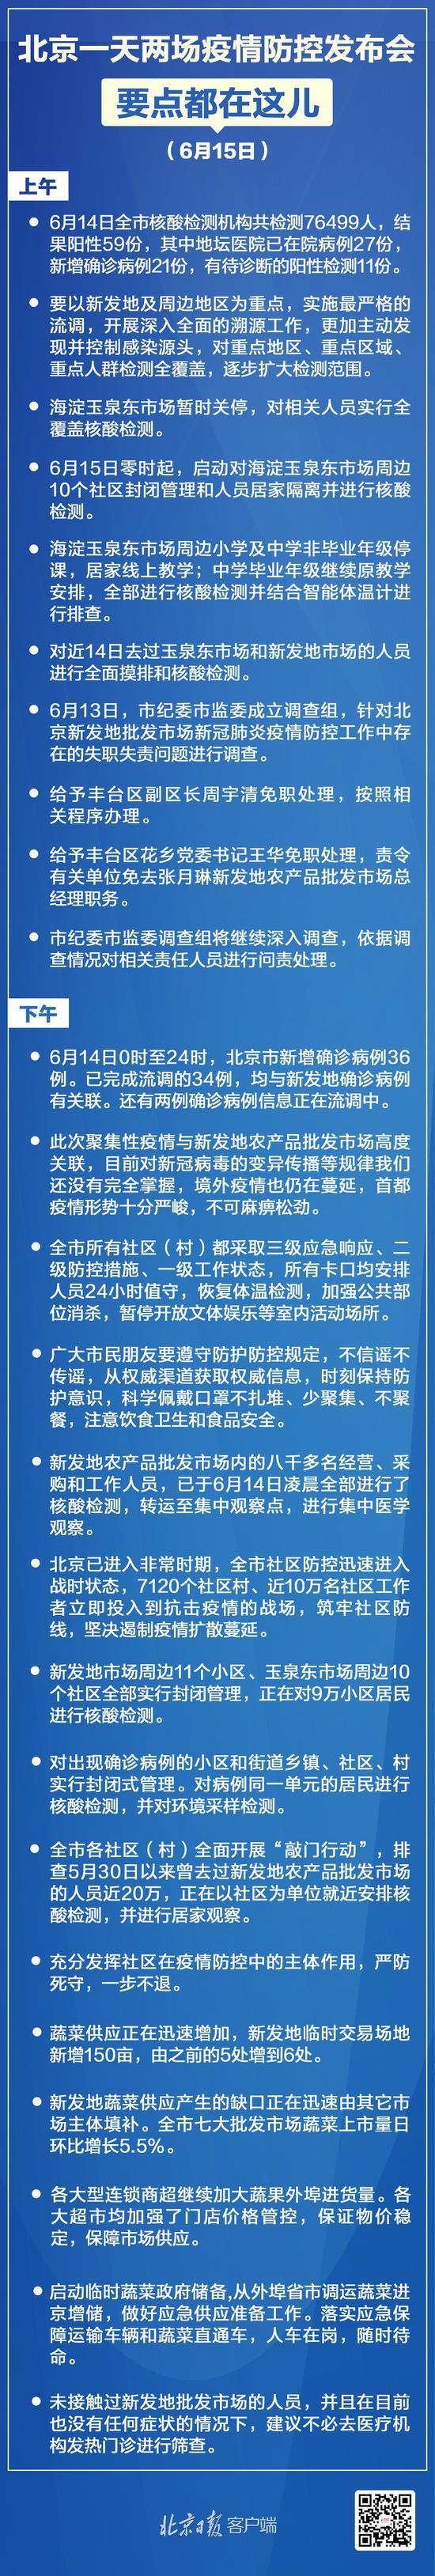 北京一天两场疫情防控发布会,要点全在这儿图片